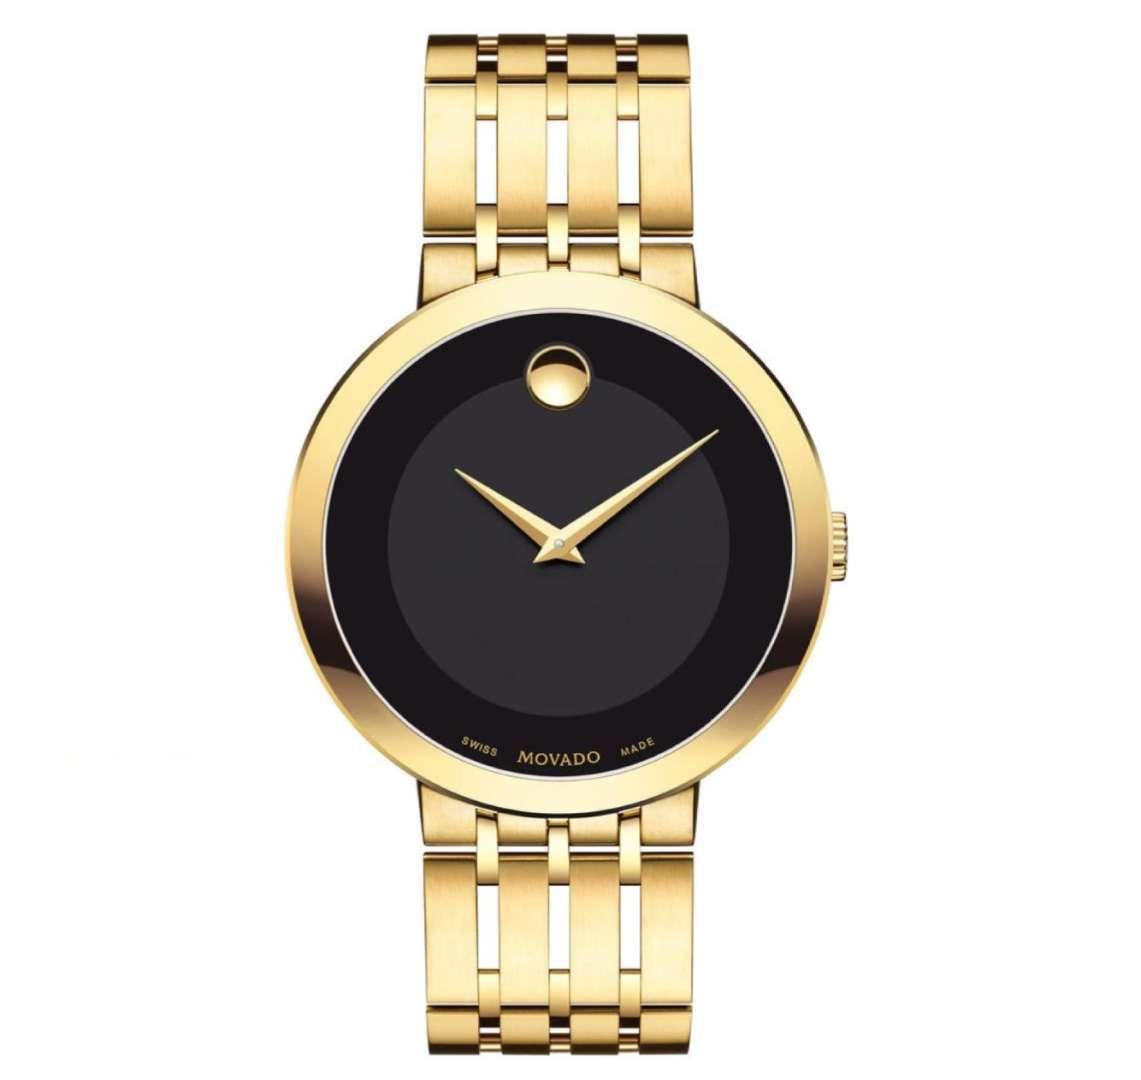 שעון יד אנלוגי 0607059 Movado מובאדו